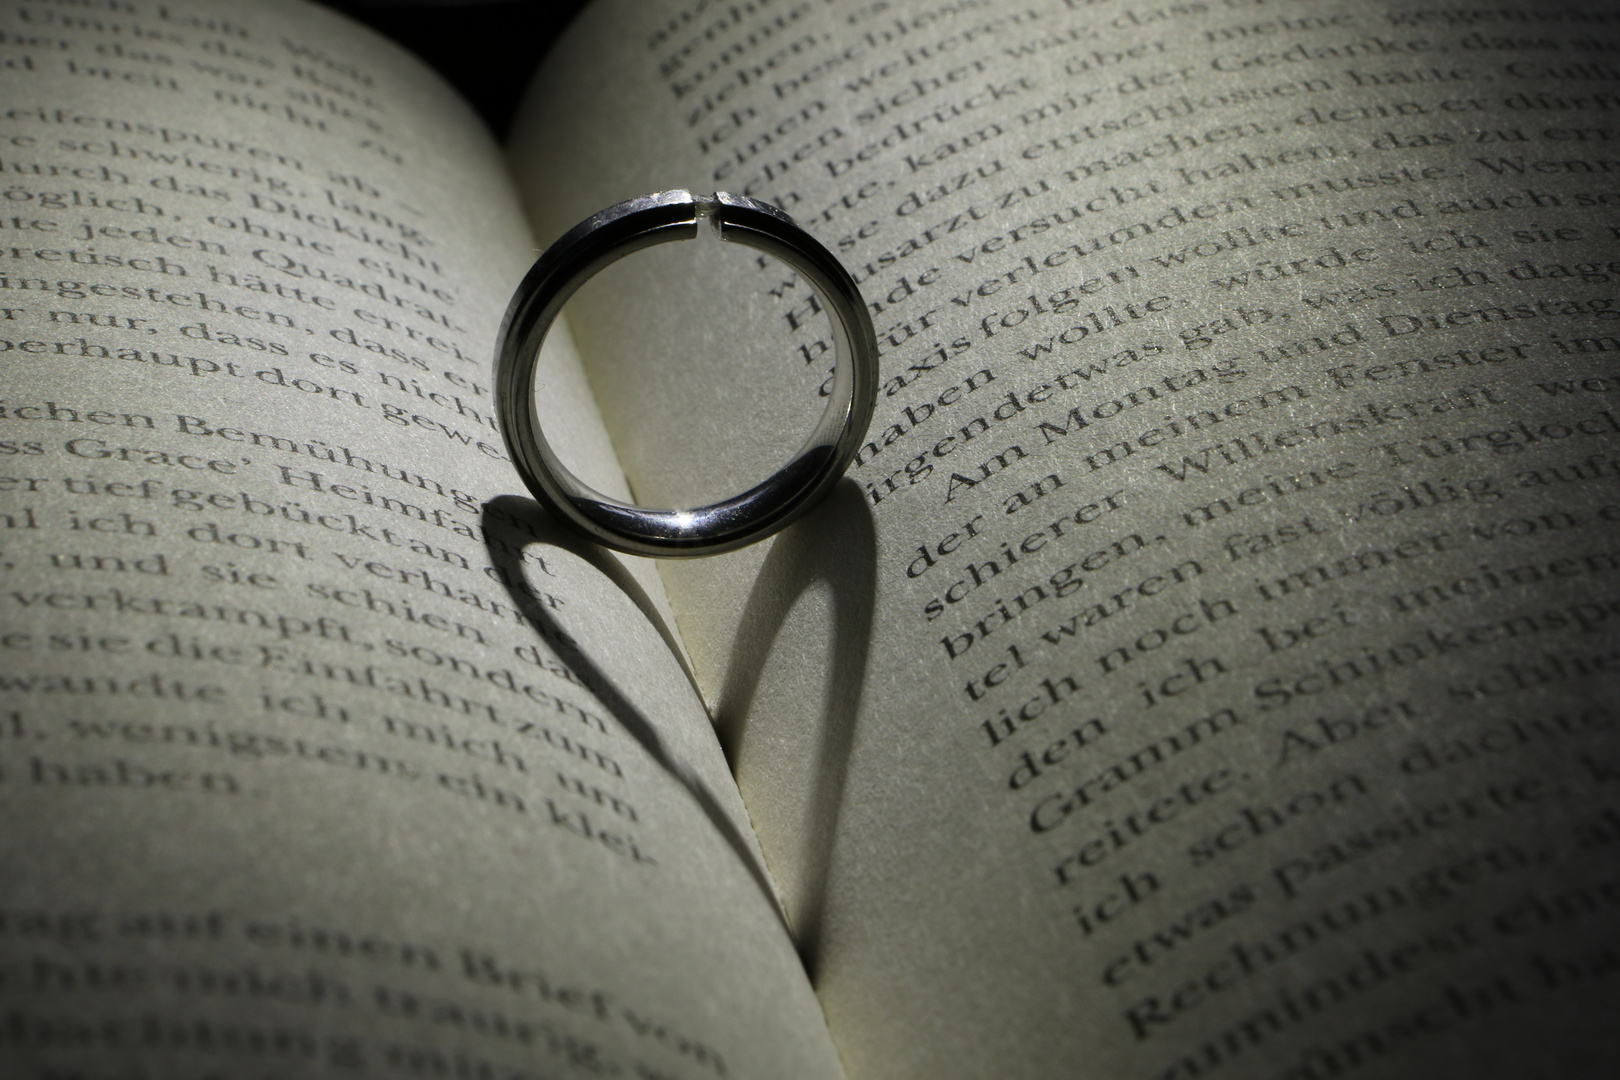 Ein Ring, ein Buch und eine Taschenlampe